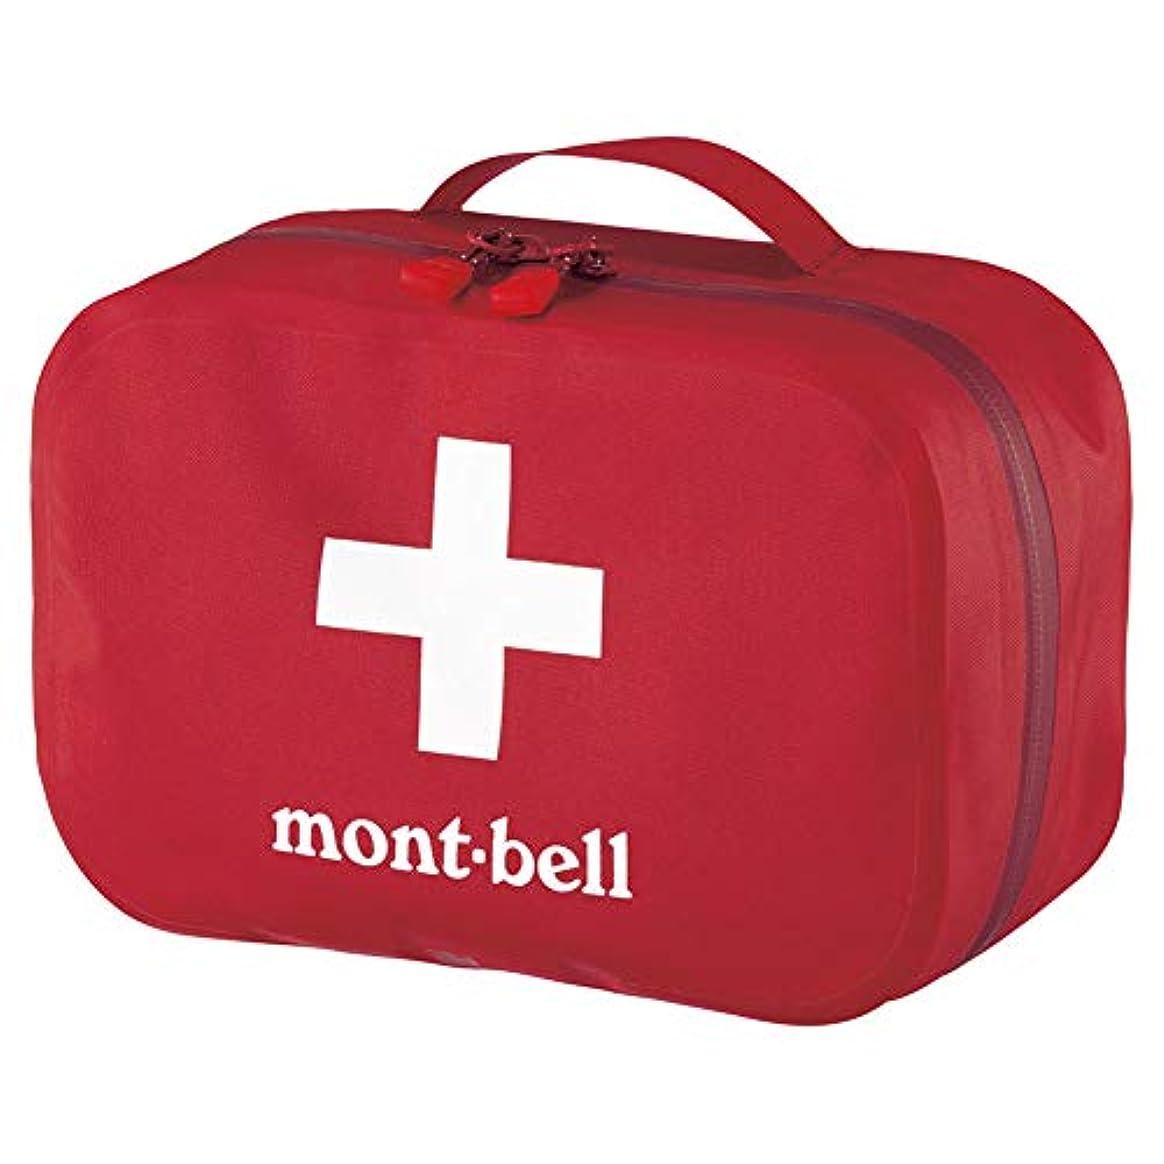 前奏曲部族不良モンベル(mont‐bell) ファーストエイドバッグ M レッド